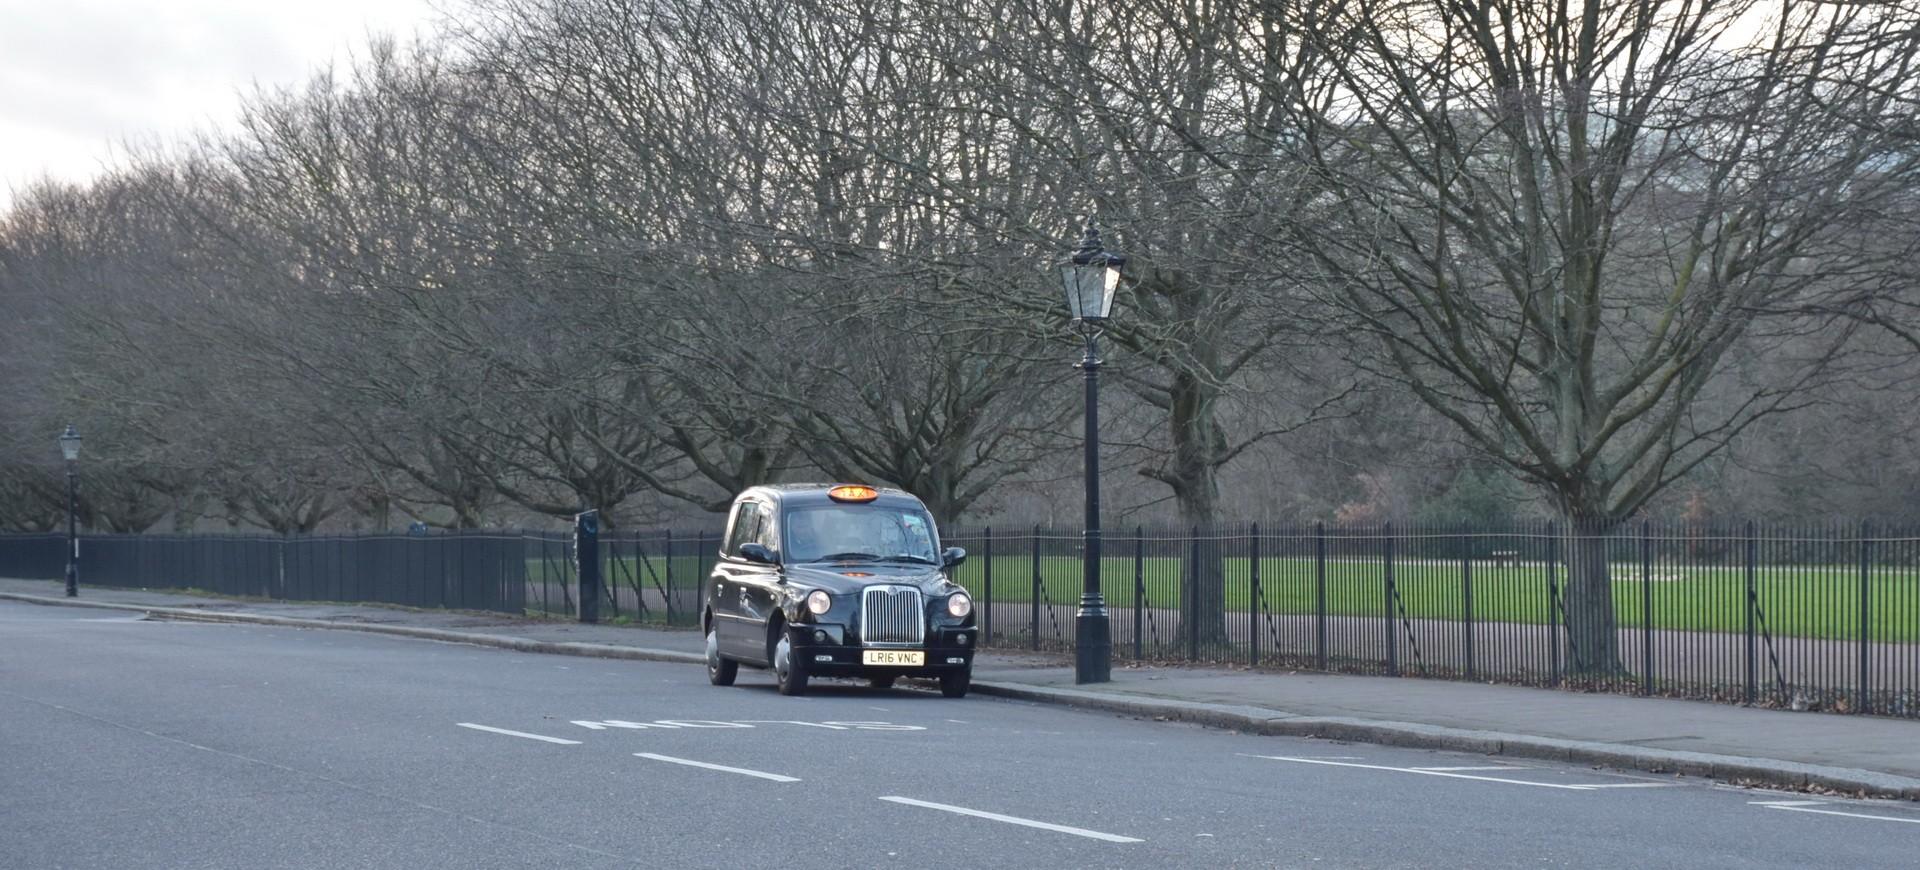 Royaune Uni Londres Regent Park Taxi londonien by AB